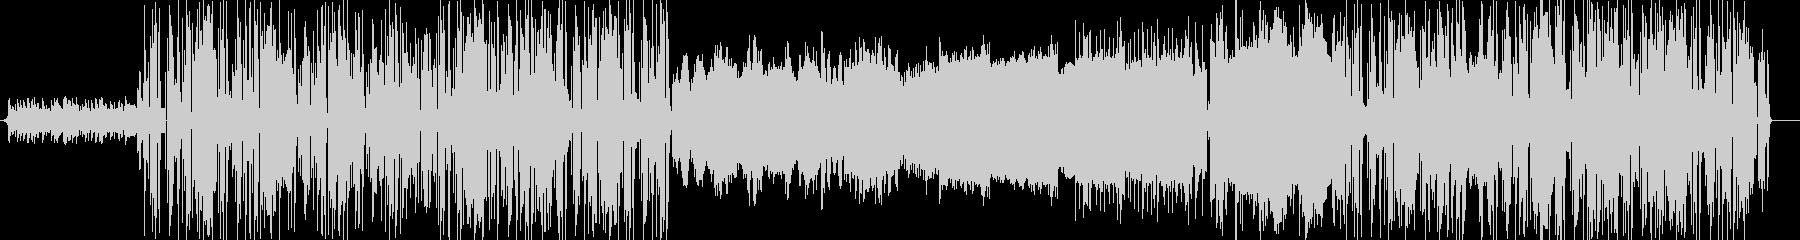 アナログシンセを活用したフュージョンの未再生の波形